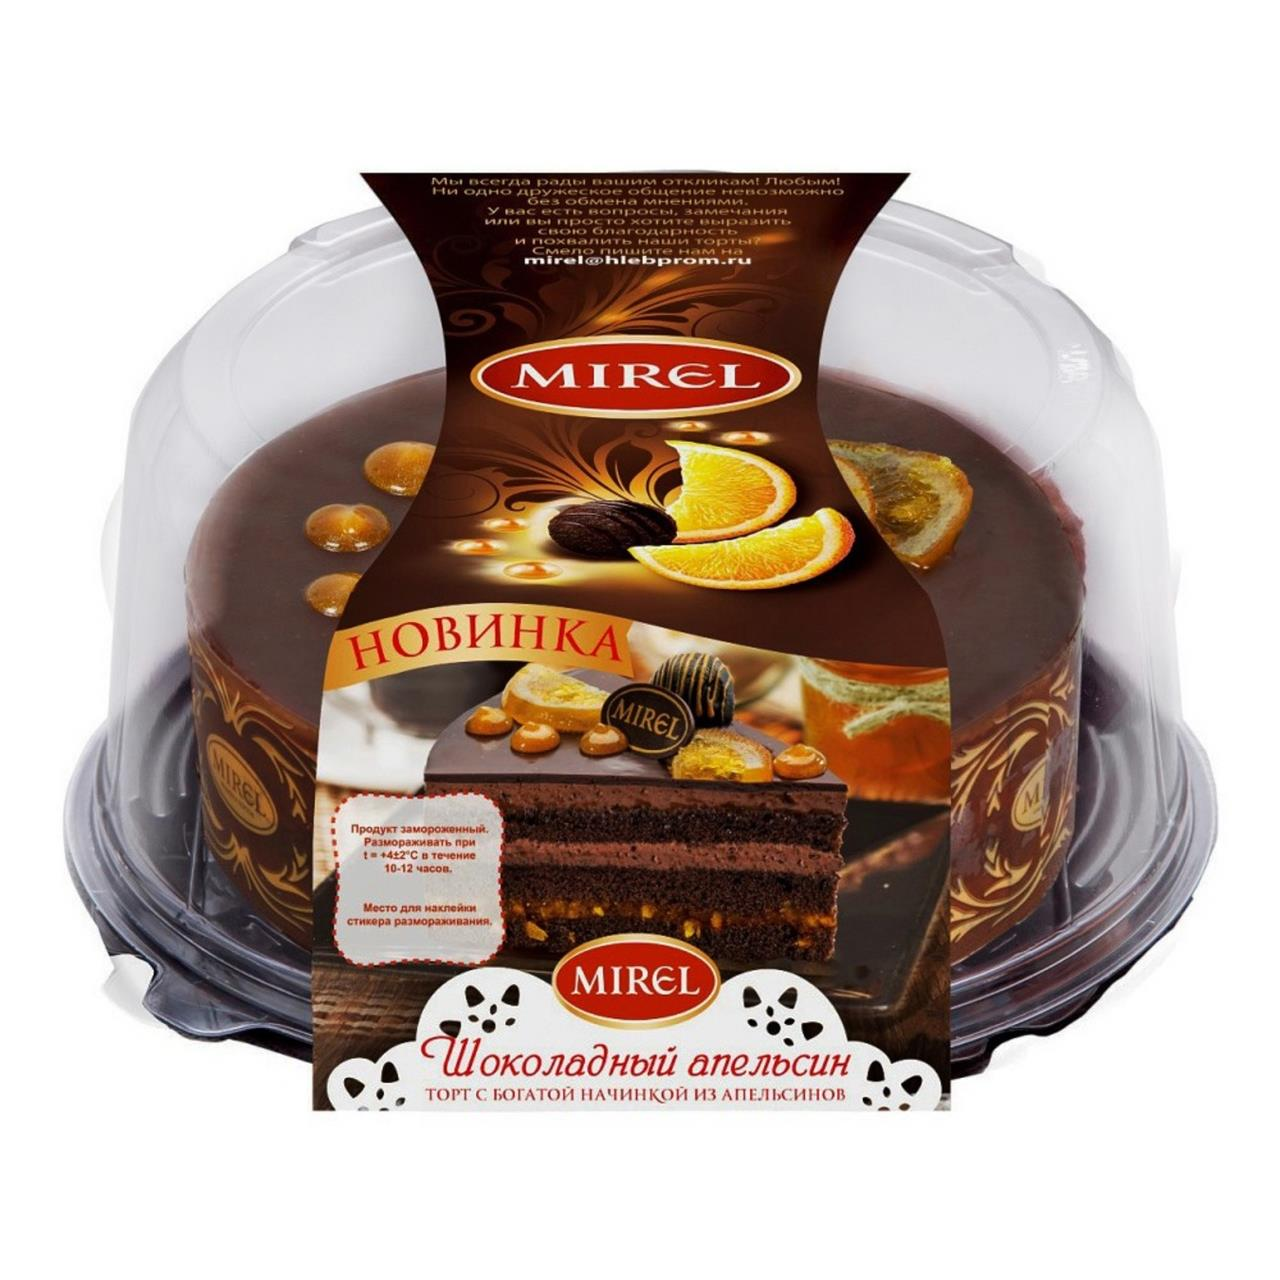 Торт MIREL шоколадный апельсин, 850 г